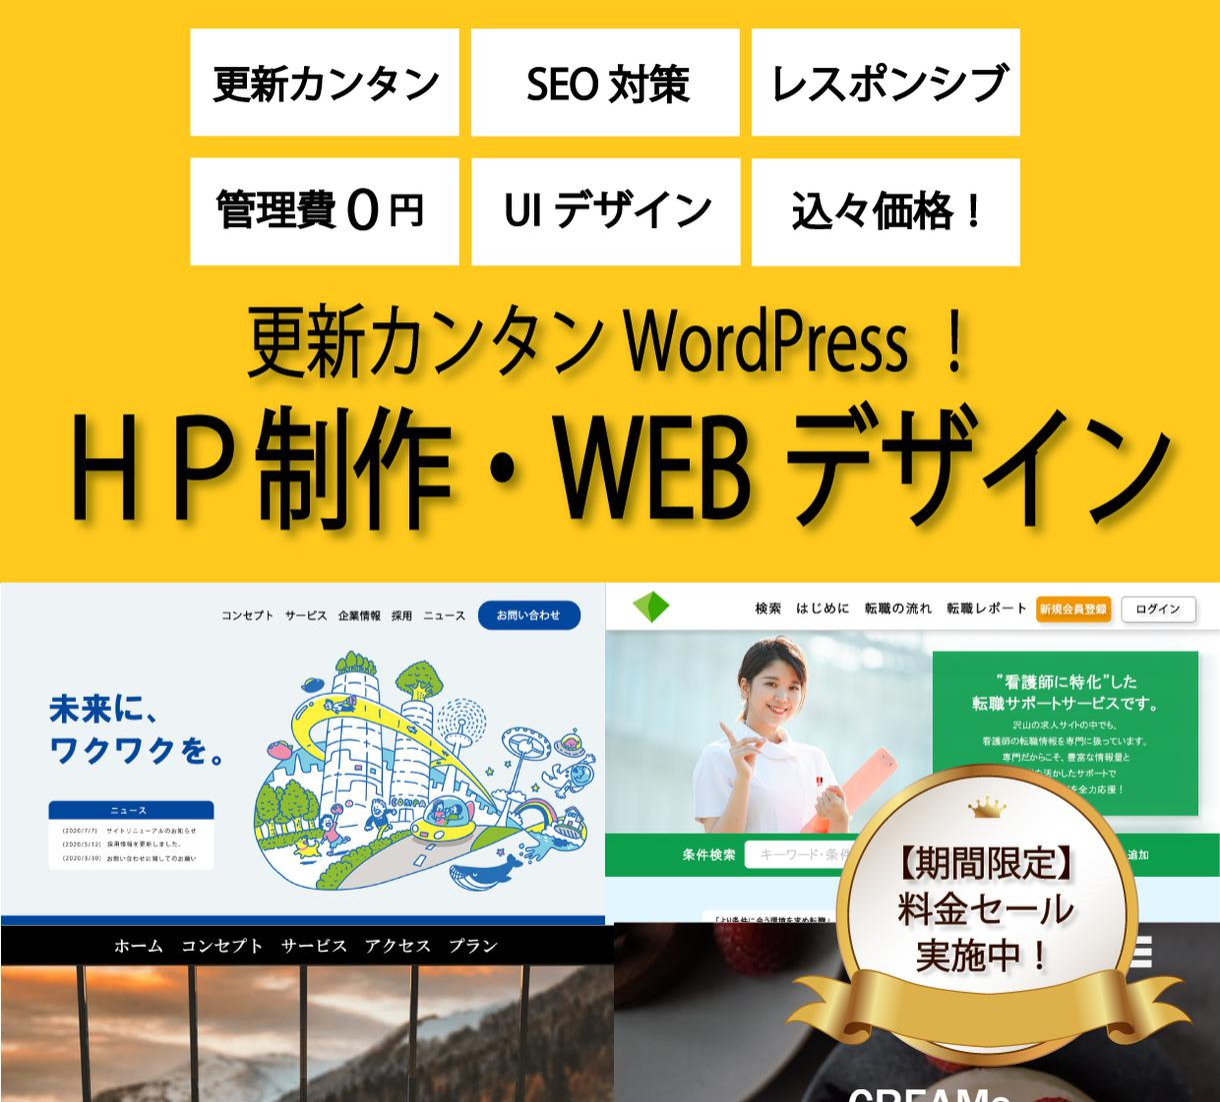 """すべて込み""""4万円""""!圧倒的コスパでHP制作します WordPress・高品質・SEO対策・レスポンシブ!! イメージ1"""